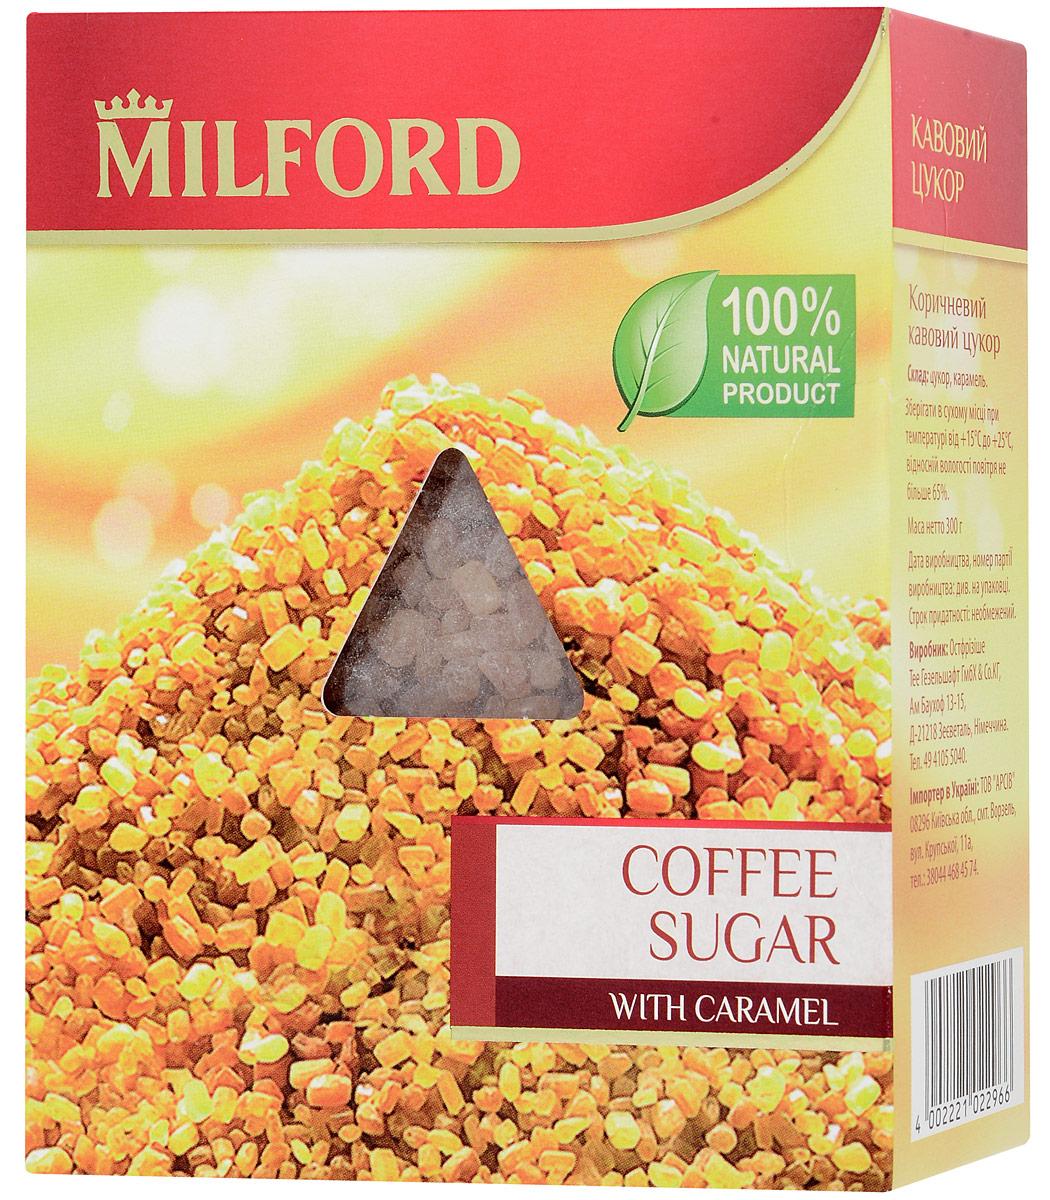 Milford кофейный сахар, 300 гбси070Тростниковый сахар - это сахароза в виде кристаллов, пропитанных тростниковой патокой, полученная из сахарного тростника. Этапы получения сахара из сахарного тростника:• Измельчение тростника (механическое)• Сбор сока (отжатие в прессе), его фильтрация (с добавлением известкового молока)• Выпаривание воды • Получение сахара-сырца (некристаллический – сироп)• Центрифугирование и кристаллизация сахара, возможно рафинирование, остров Маврикий поставляет лучшее сырье для производства тростникового сахара• Идеальные для выращивания сахарного тростника условия (среднегодовая температура воздуха около +27°С)• Более 90% обрабатываемых площадей отданы для выращивания высококачественного сахарного тростника• Контроль качества продукта обеспечивается на государственном уровне• Основной поставщик премиального сырья для стран ЕС и США настоящий коричневый тростниковый сахар Milford производится в Германии только из лучшего сырья, импортируемого с острова Маврикий•Тростниковый нерафинированный (коричневый) сахар: сахароза в виде кристаллов, пропитанных тростниковой патокой• Укрепляет иммунитет и тонизирует нервную систему, т.к.очень богат полезными для организма микроэлементами и балластными веществами• Патока/меласса: содержит калий, кальций, железо, медь, магний, комплекс витаминов.• Балластные вещества: клетчатка и пектин. Именно за счет этих веществ сахар медленнее усваивается организмом и препятствует отложению жира.• Гарантированное высокое качество: высокотехнологичный процесс производства по стандартам ЕС• Производственные мощности расположены в Германии• Используется высококачественное сырье только с о-ва Маврикий• Постоянный контроль качества (IFS- International Food Standard, HASSP).